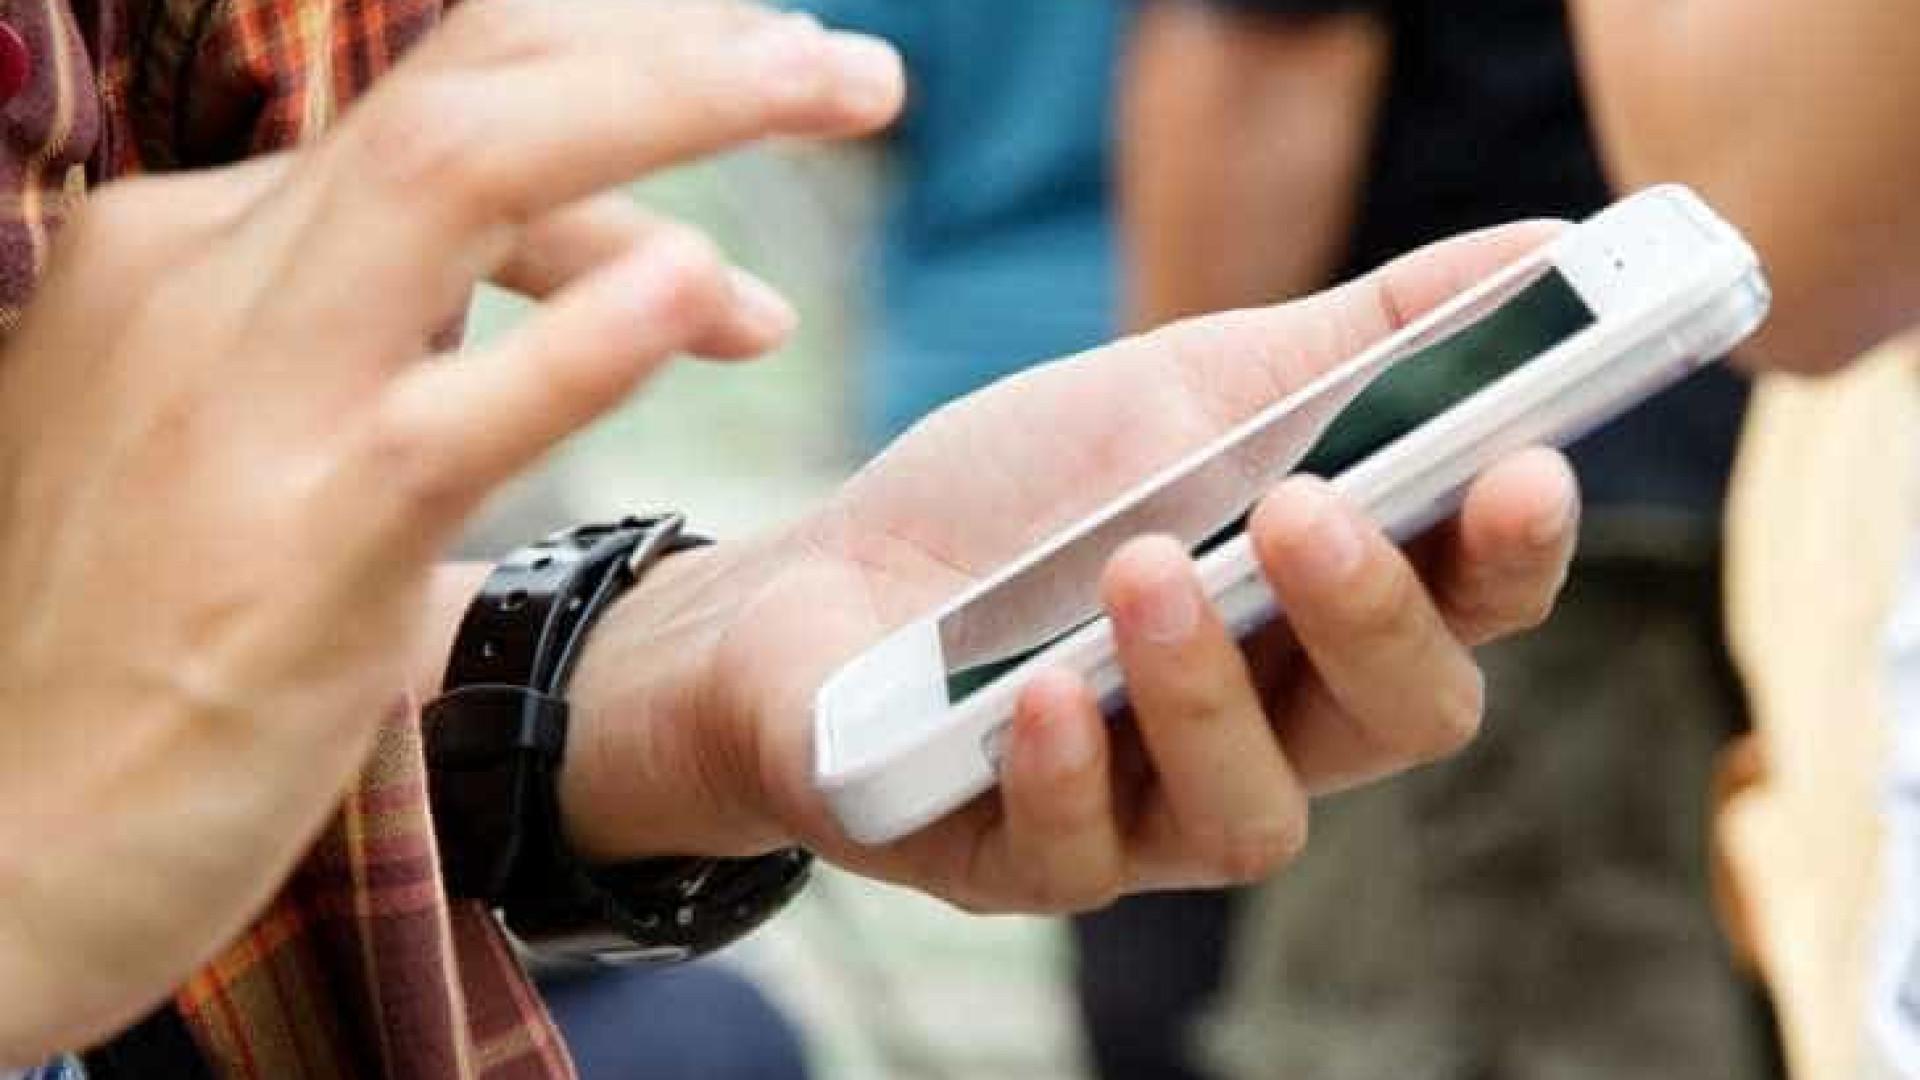 Criptografia impede 'grampo' em  conversa no WhatsApp